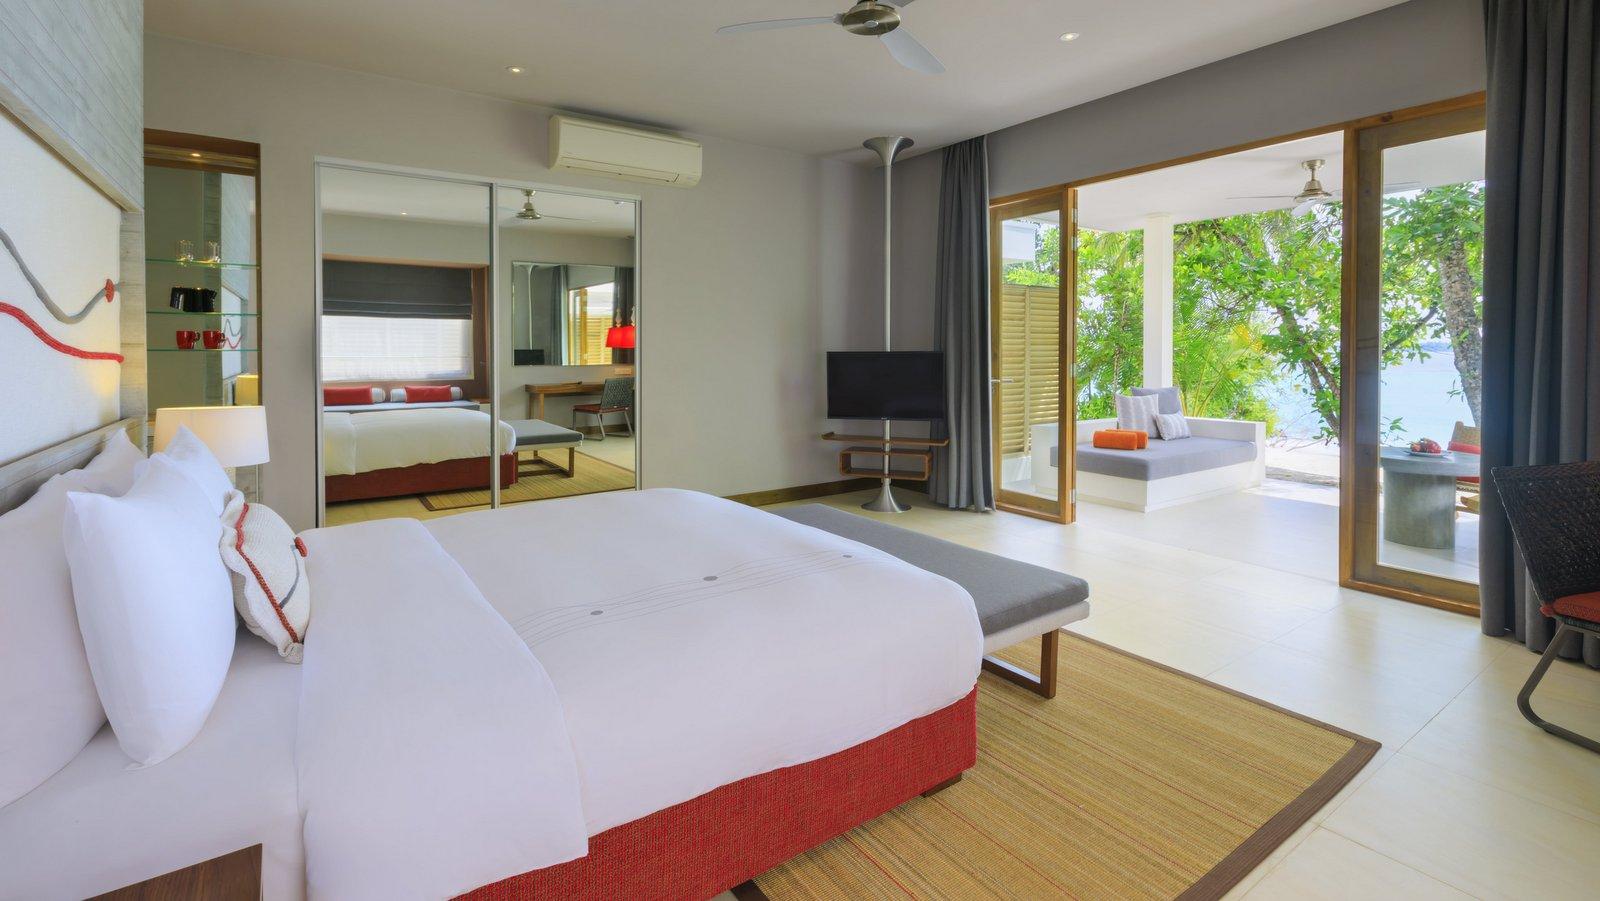 Мальдивы, отель Dhigali Maldives, номер Beach Villa